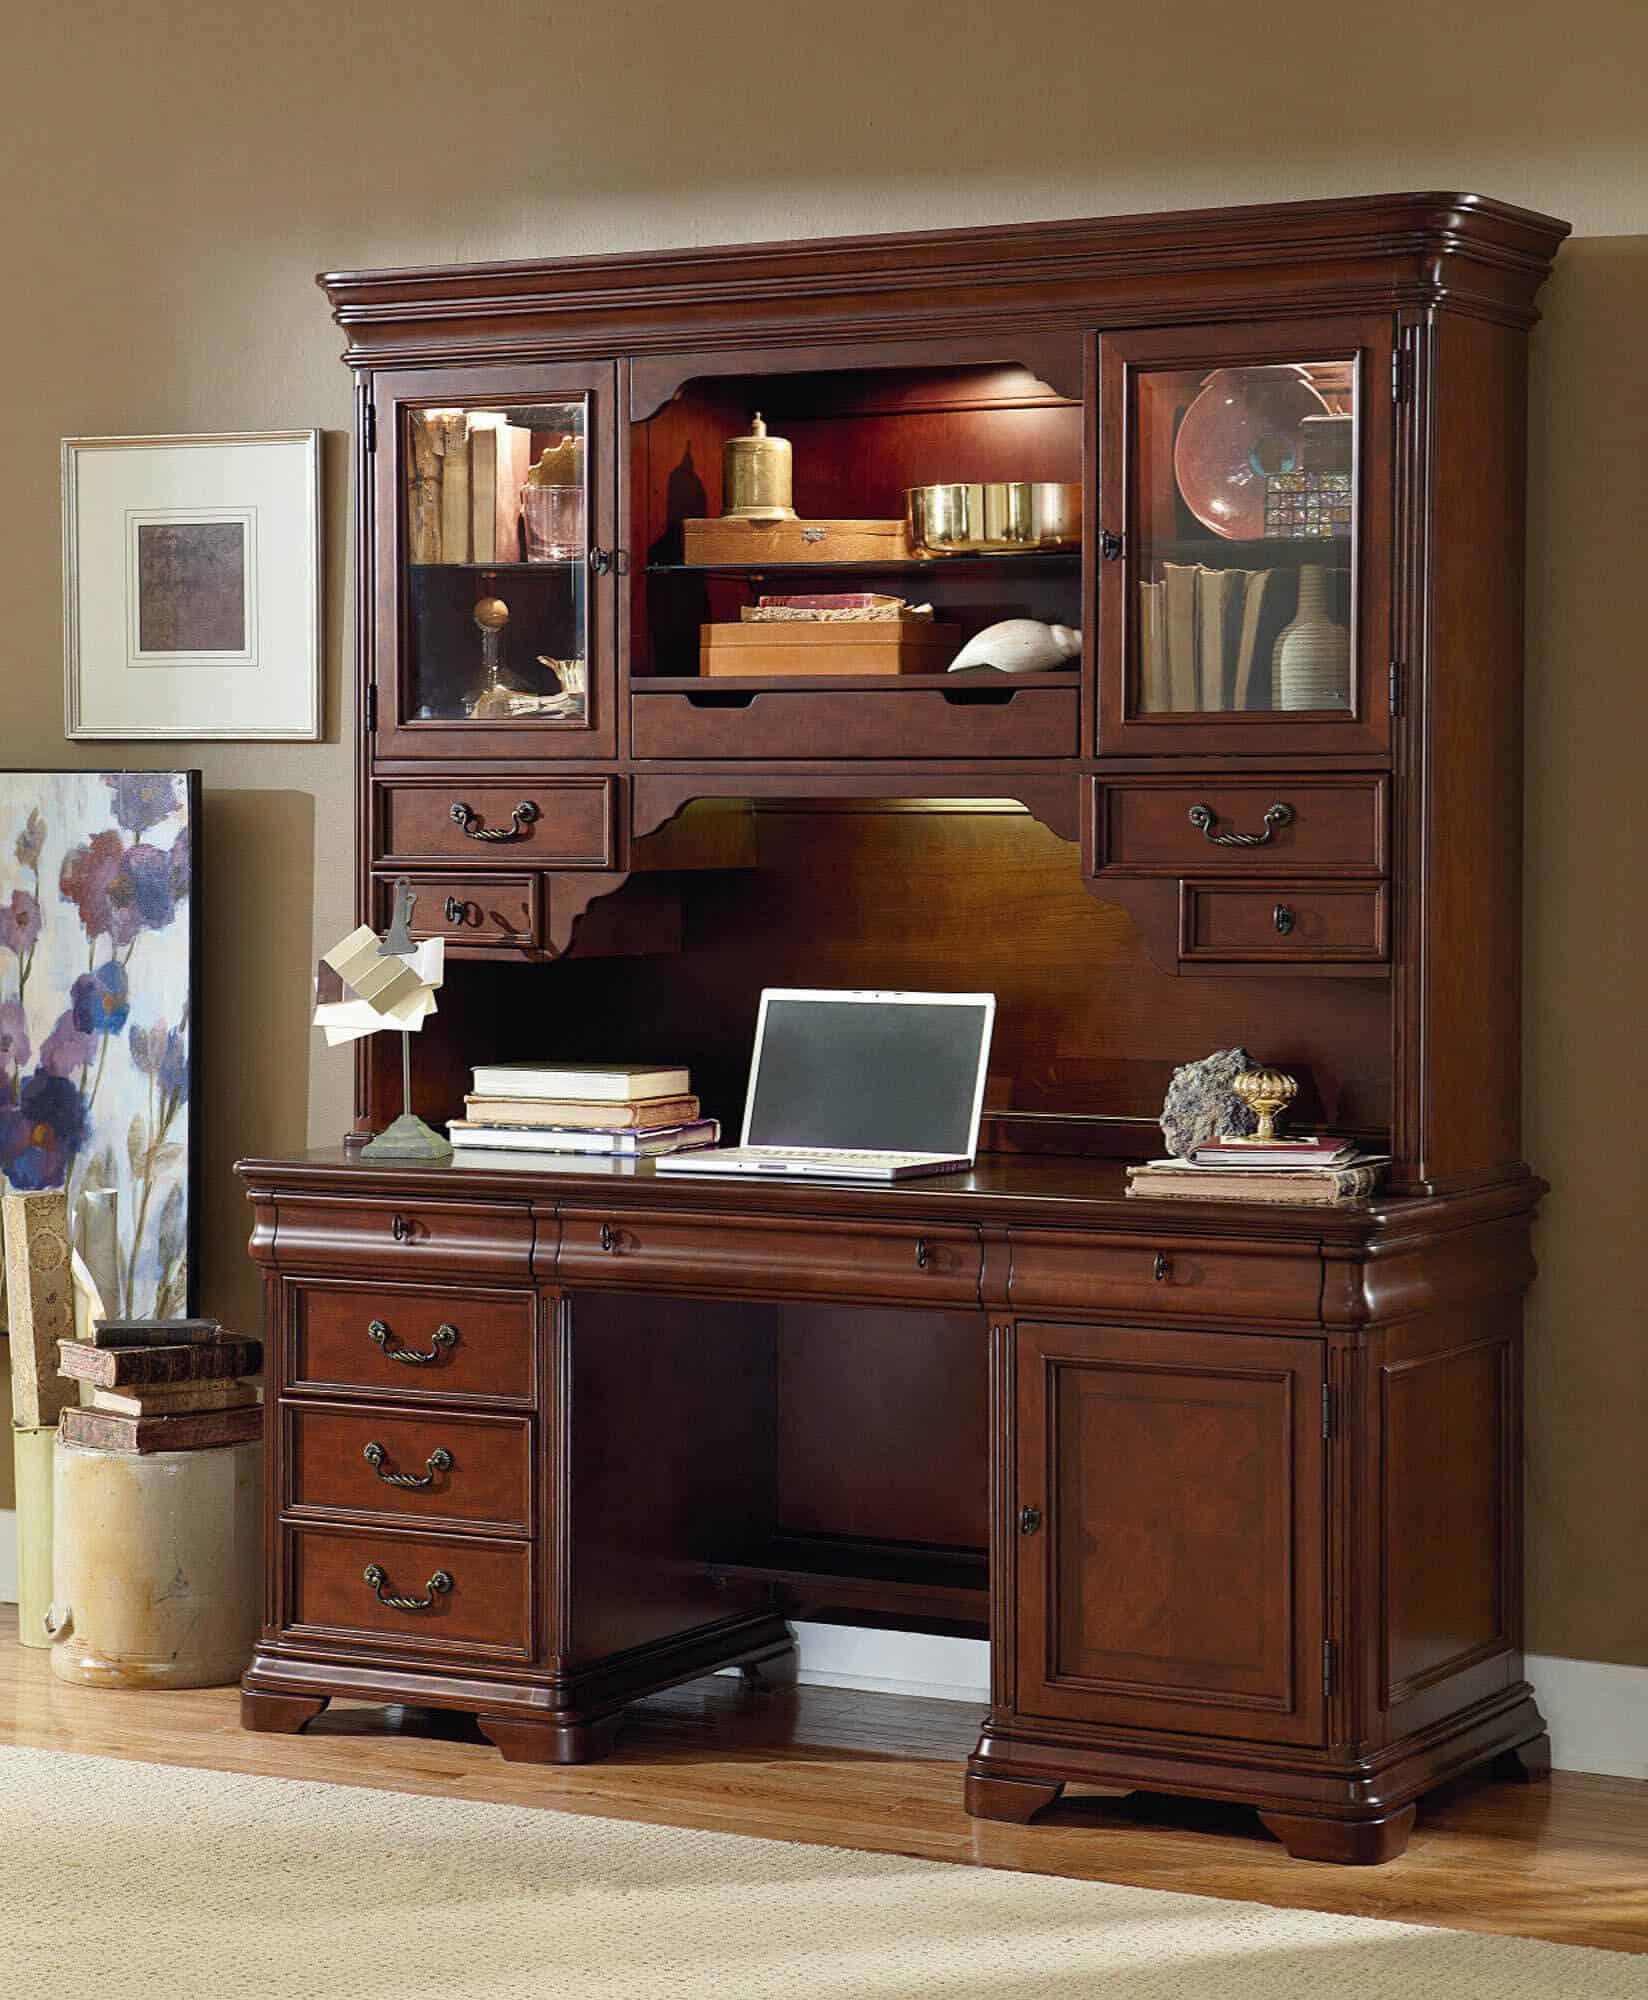 Nice A credenza desk